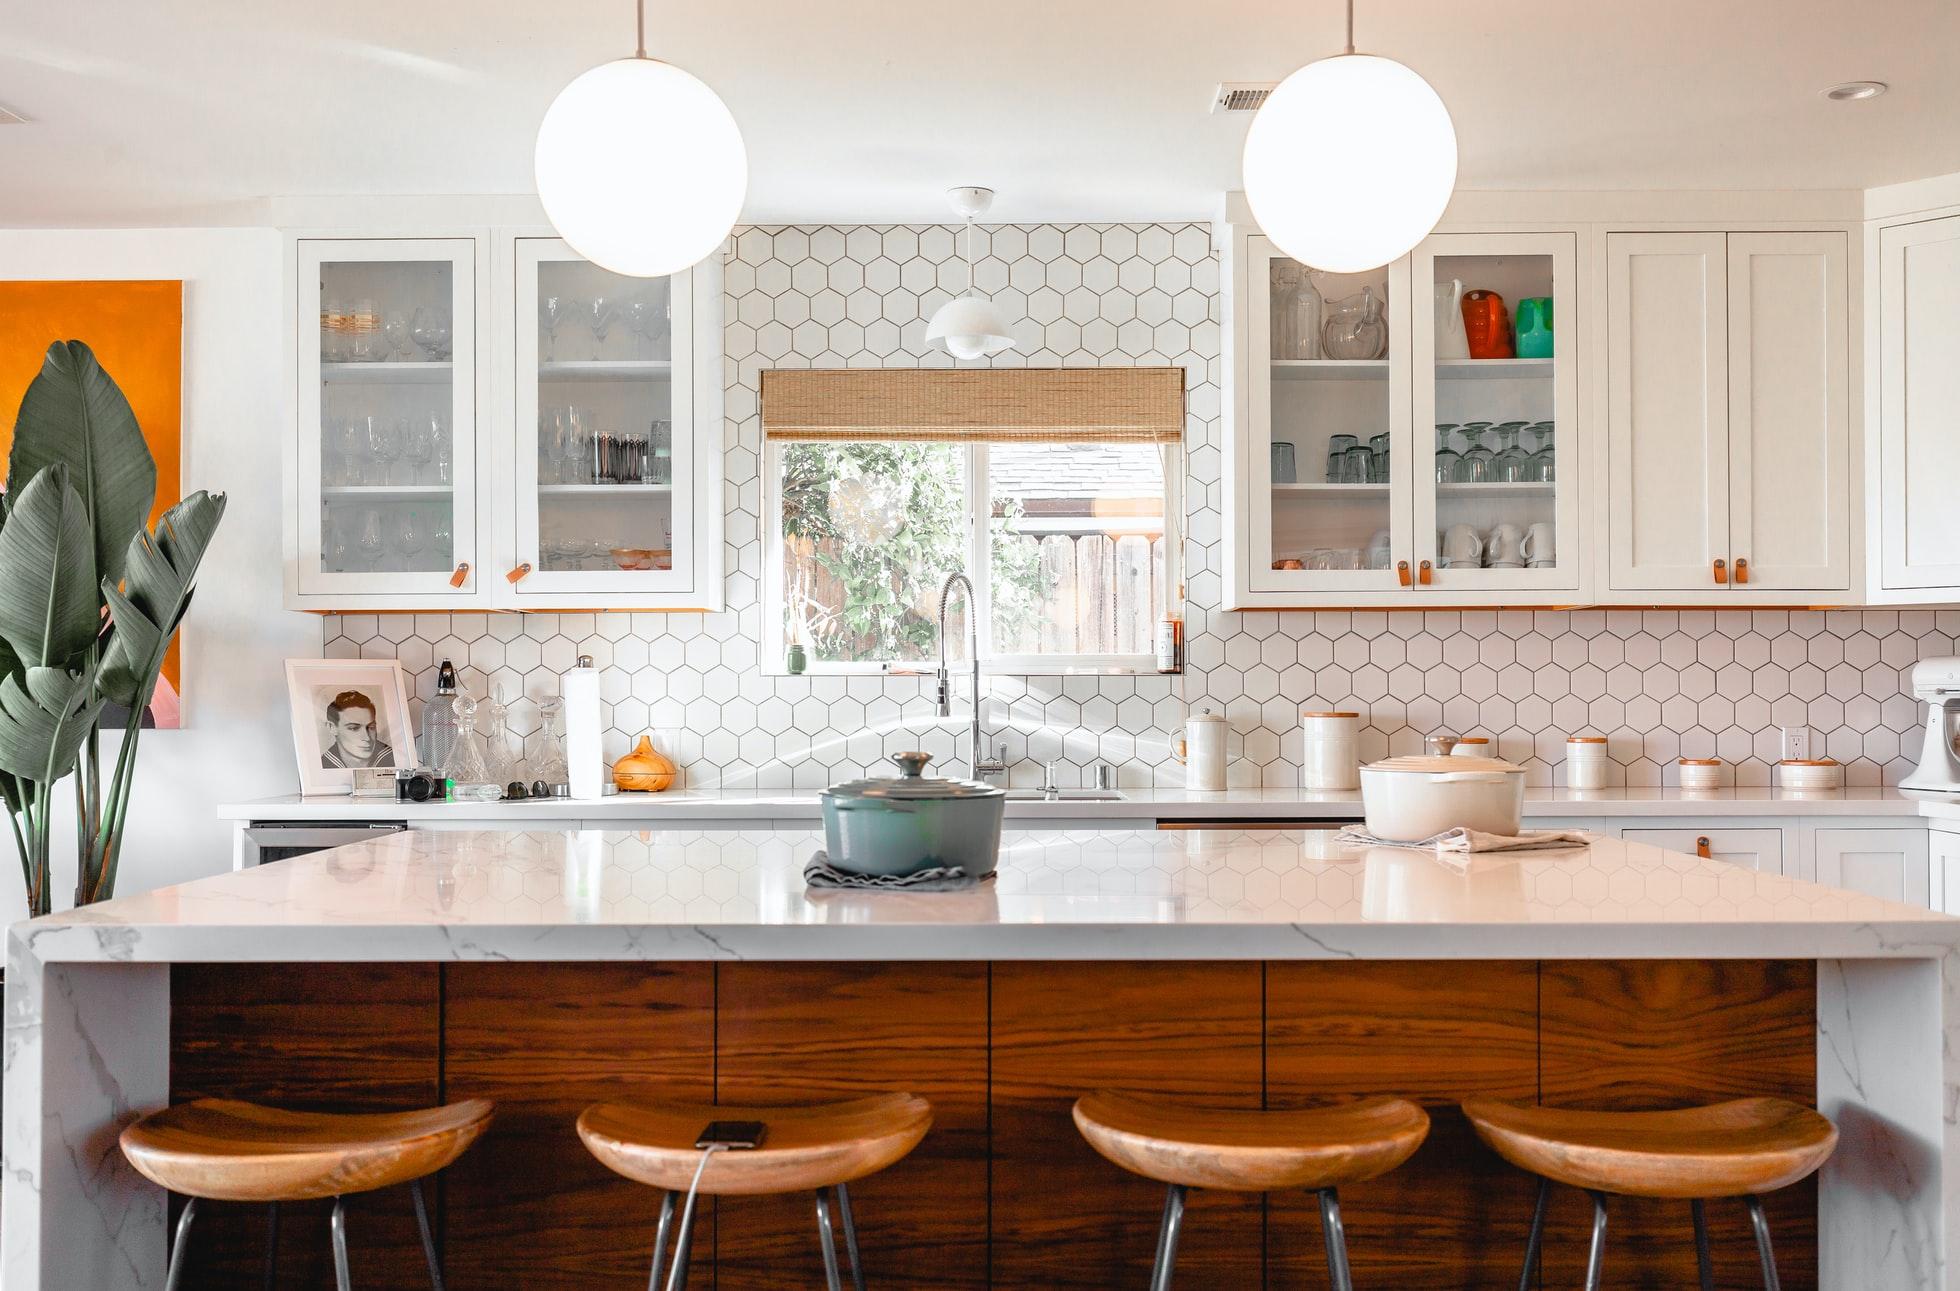 3 objetos baratos para organizar a sua cozinha